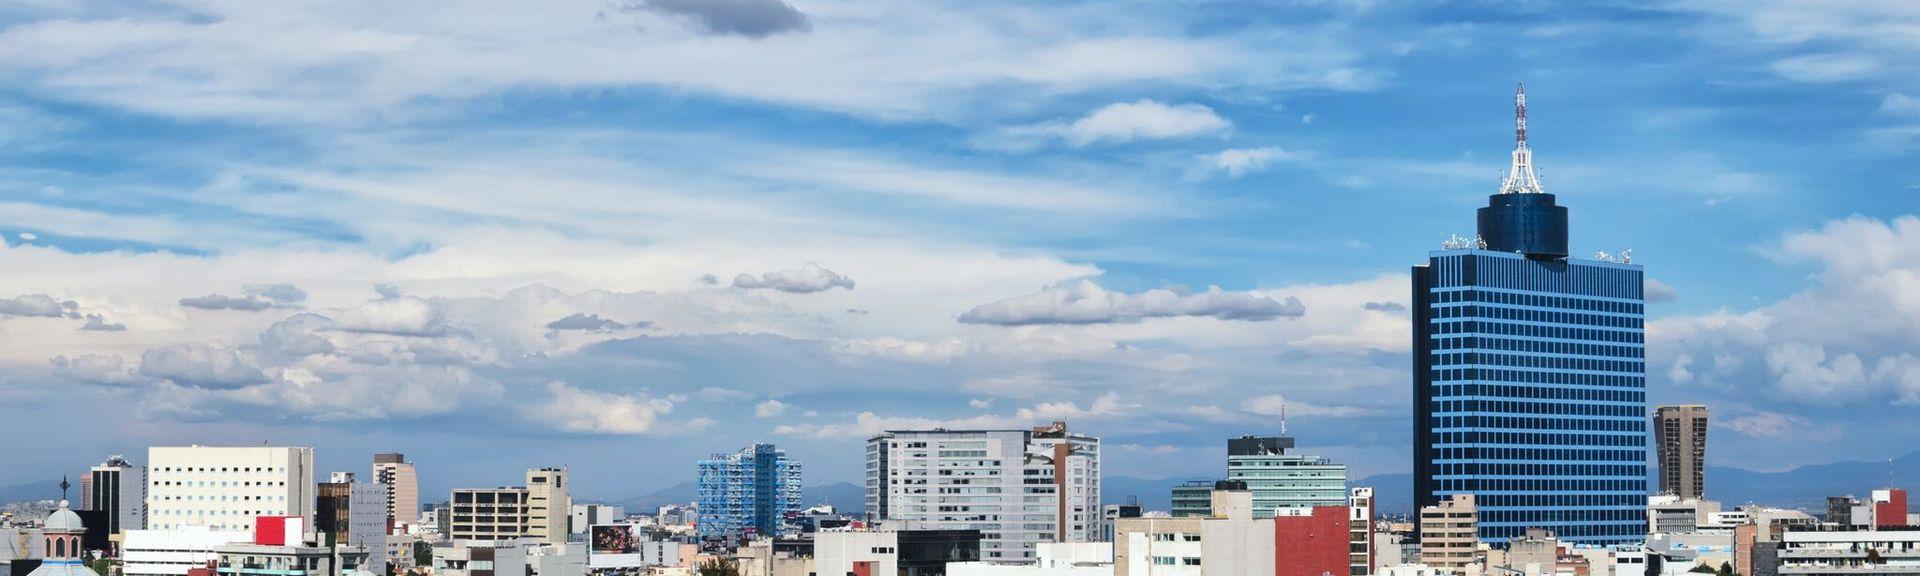 Zona Rosa, Cidade do México, Federal District, México